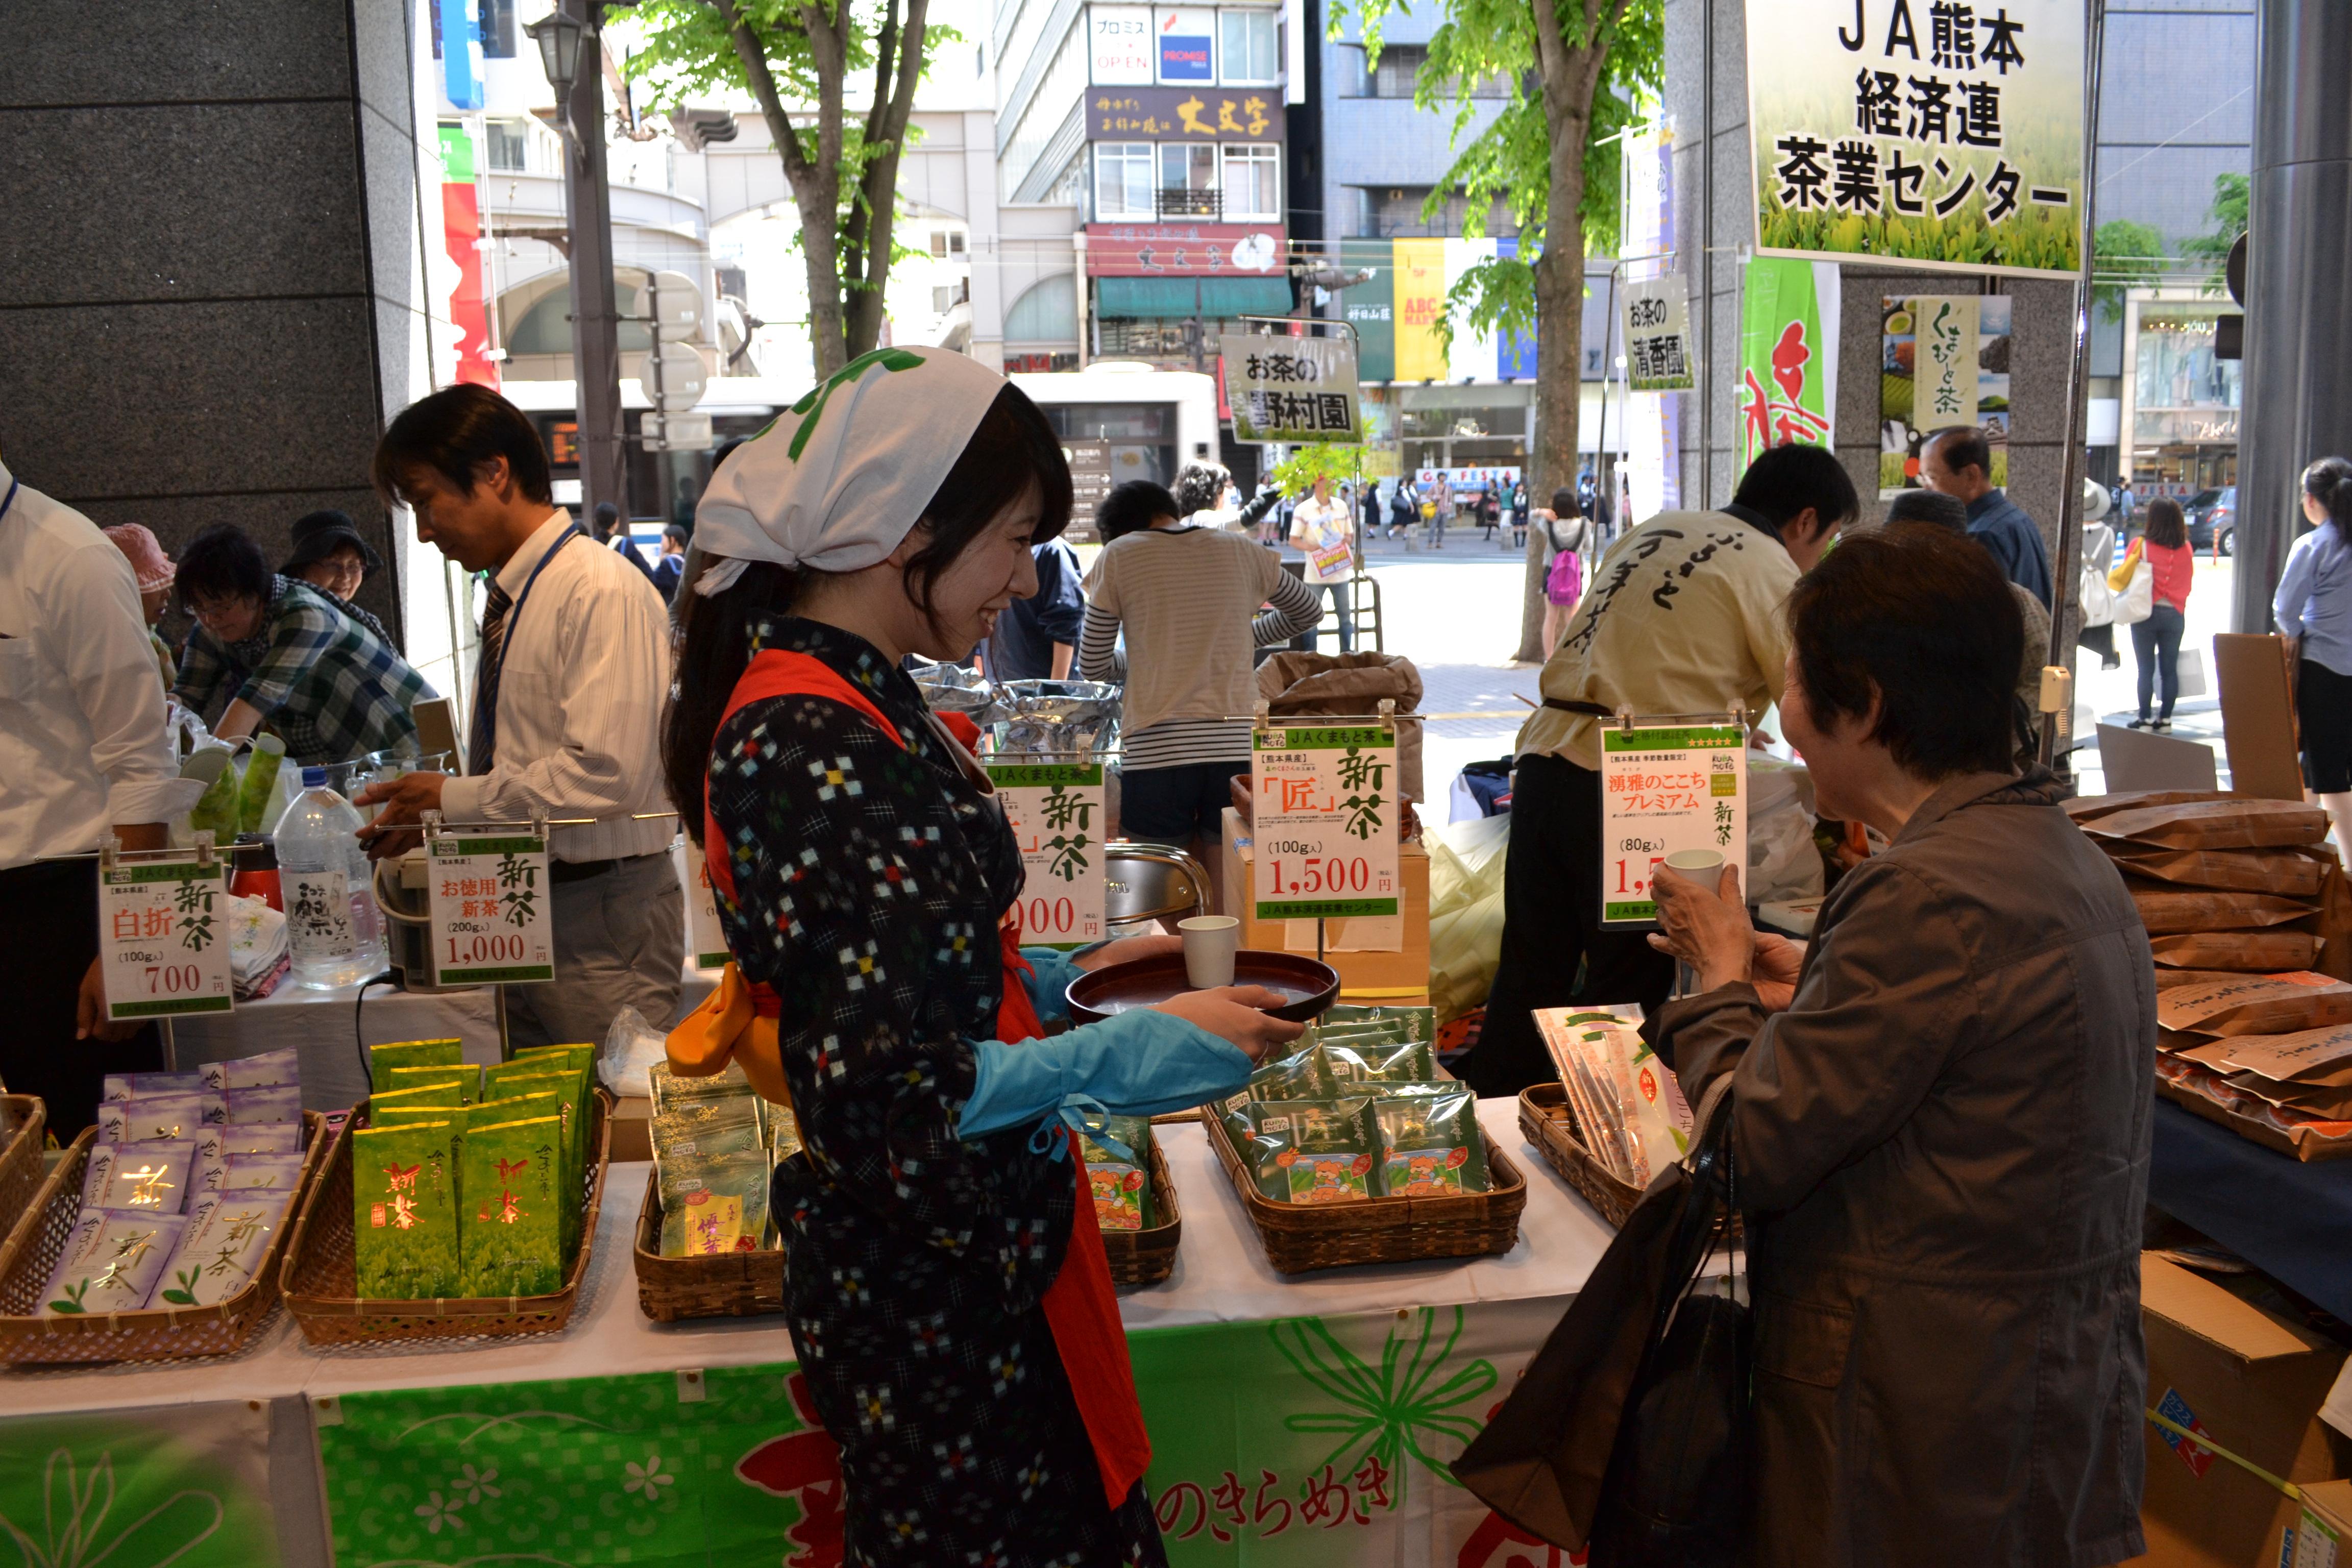 写真: がんばろう熊本!くまもと茶で笑顔を届けよう!くまもと新茶まつり